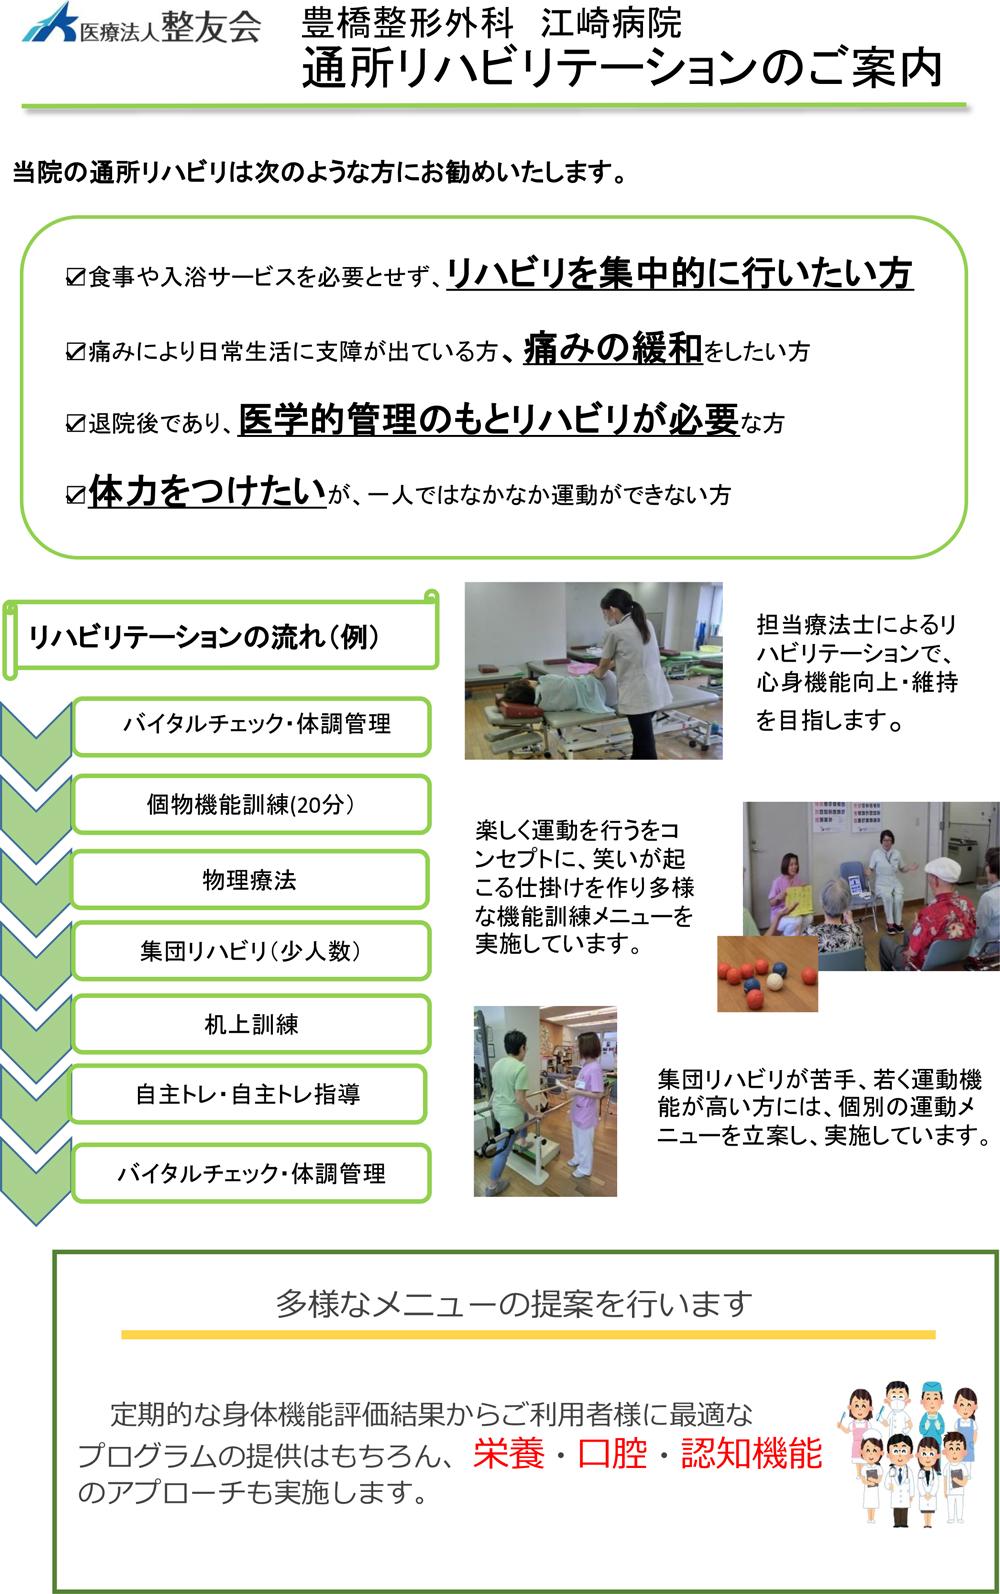 豊橋整形外科江崎病院・通所リハビリテーションのご案内・1